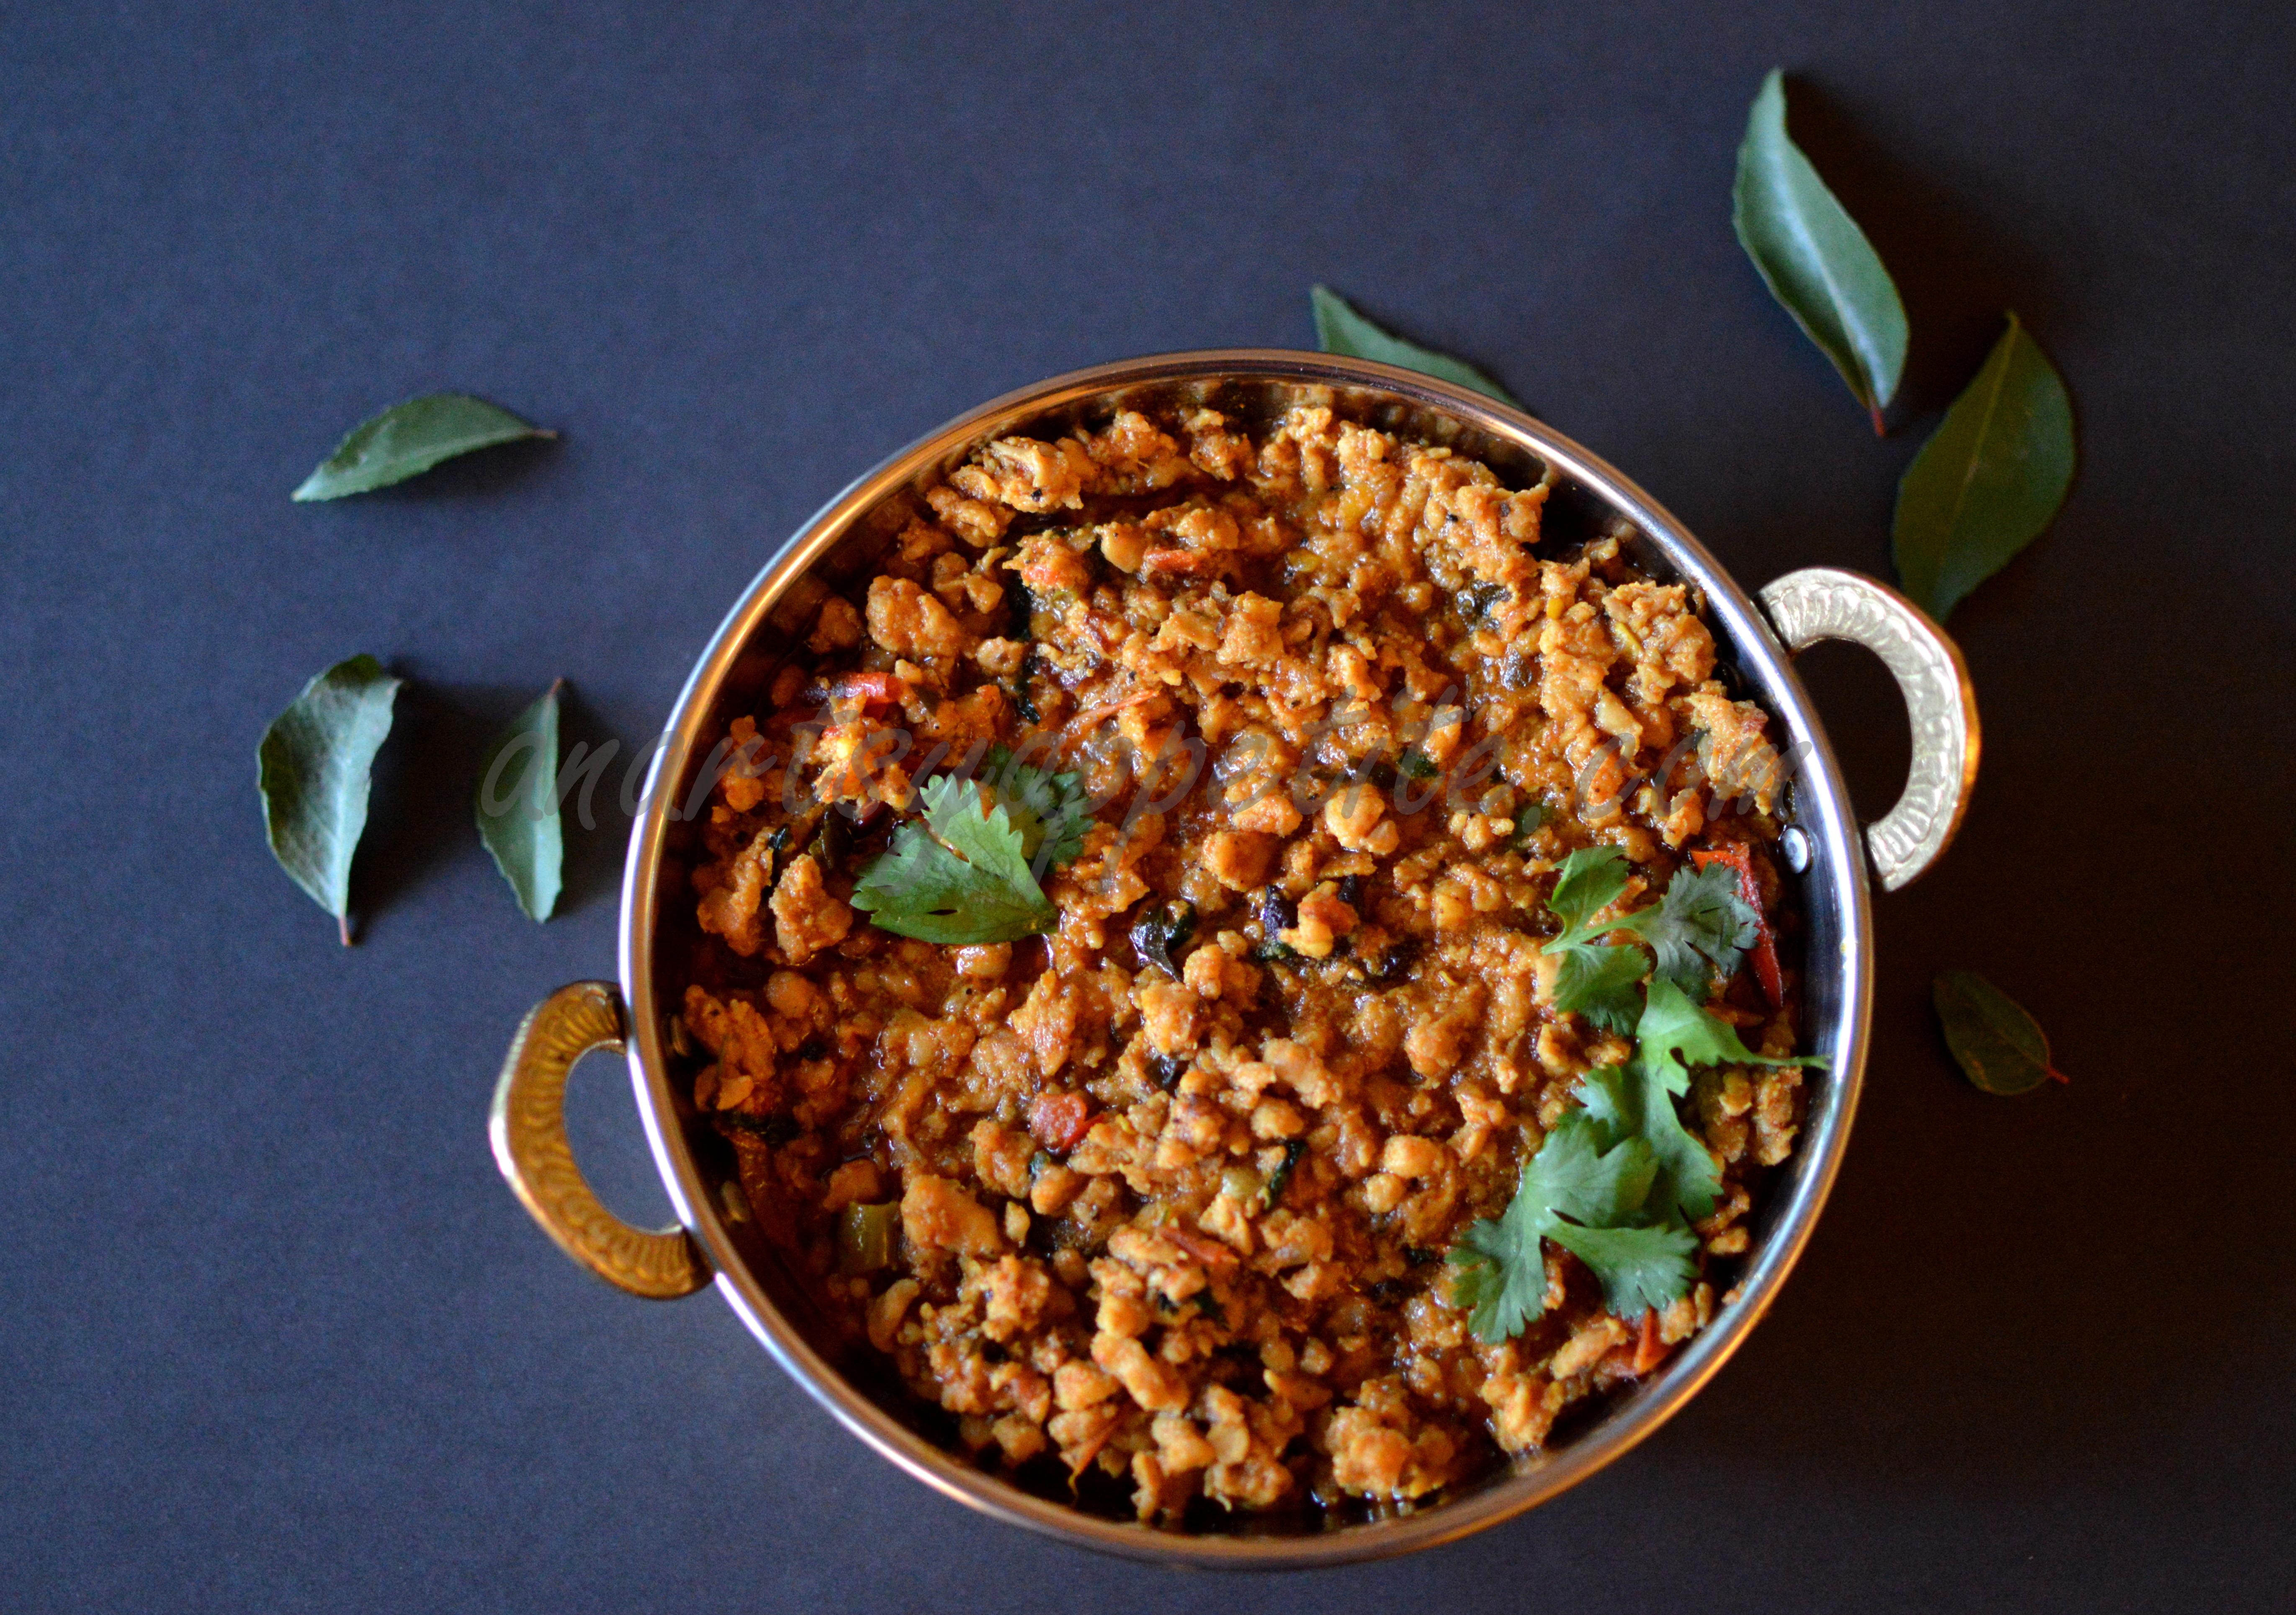 Chicken keema masala recipe indian minced chicken curry an artsy chicken keema masala recipe indian minced chicken recipe forumfinder Image collections